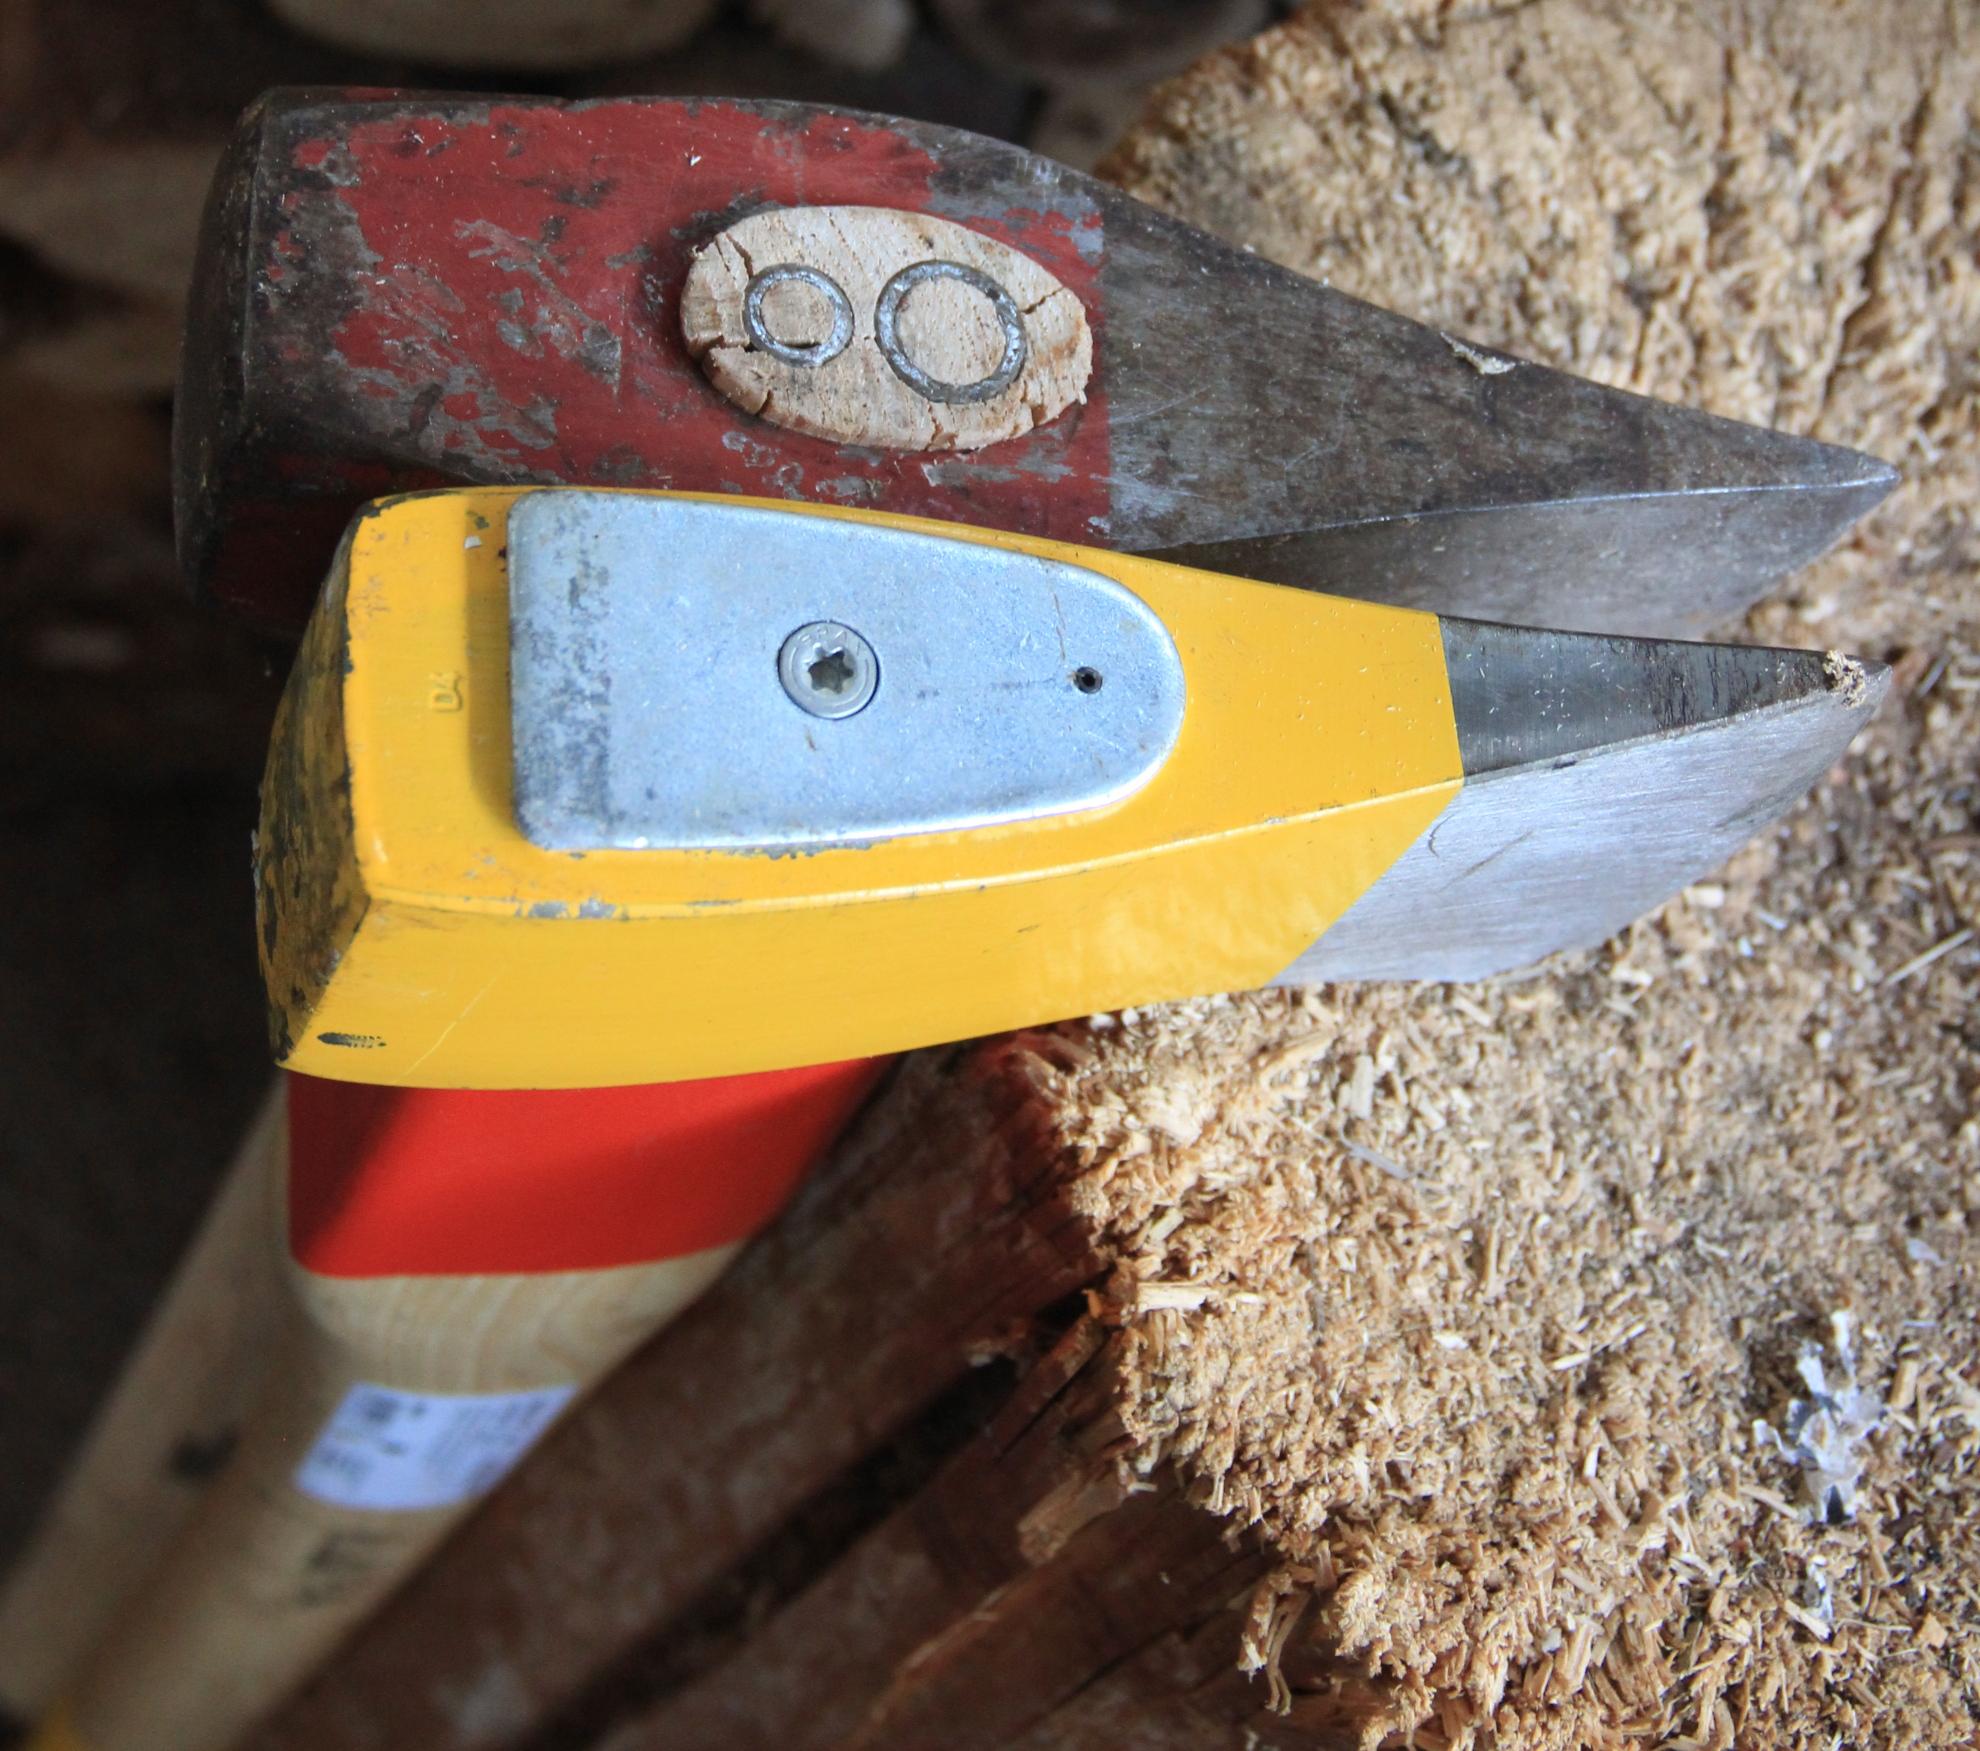 Bevorzugt Spaltaxt oder Spalthammer: Kennen Sie den Unterschied? ES06